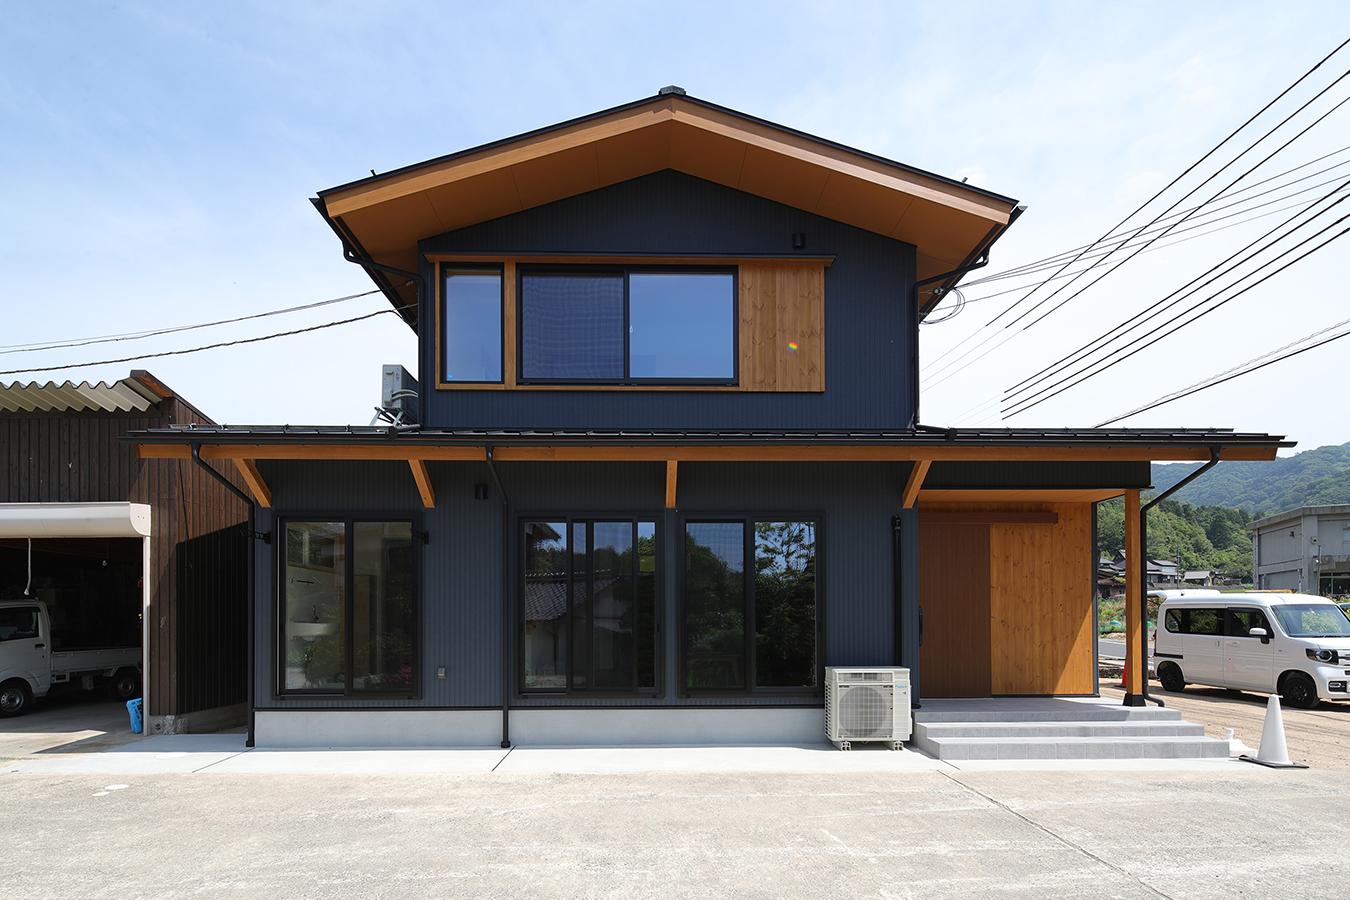 黒い外壁に木の色を合わせたシンプルでありながら 存在感と品格のある外観